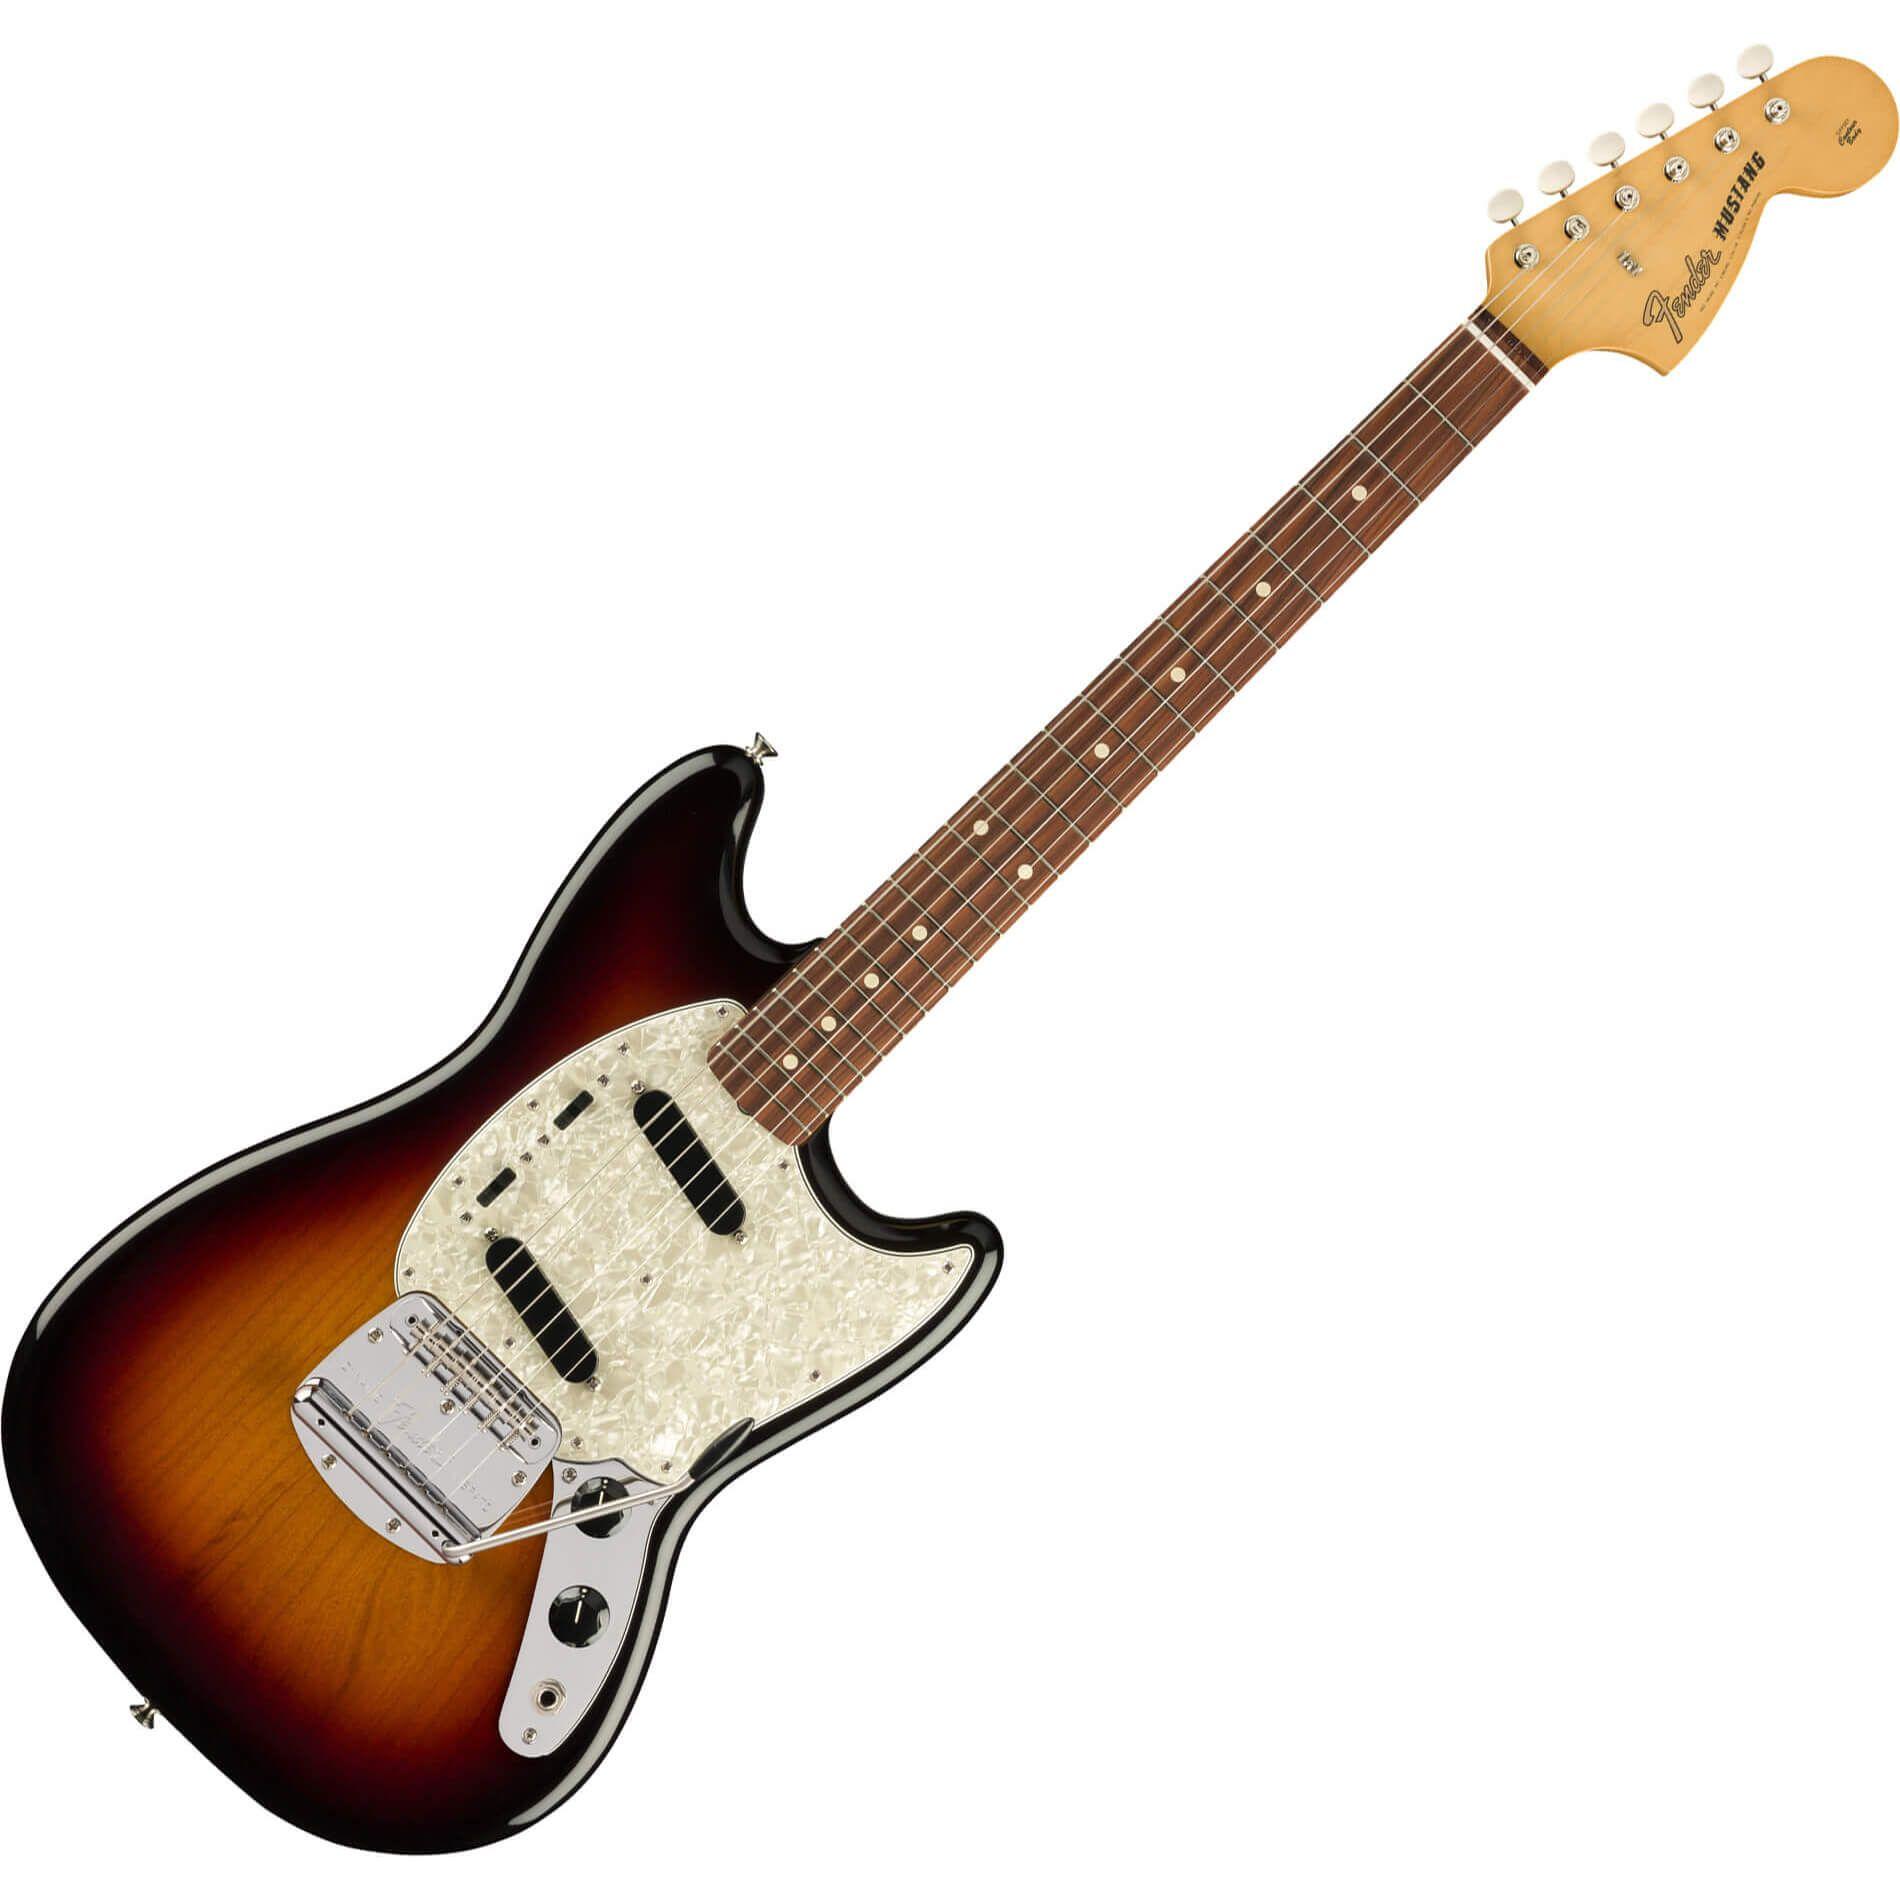 Fender Vintera Series 60s Mustang - PF - 3-Tone Sunburst